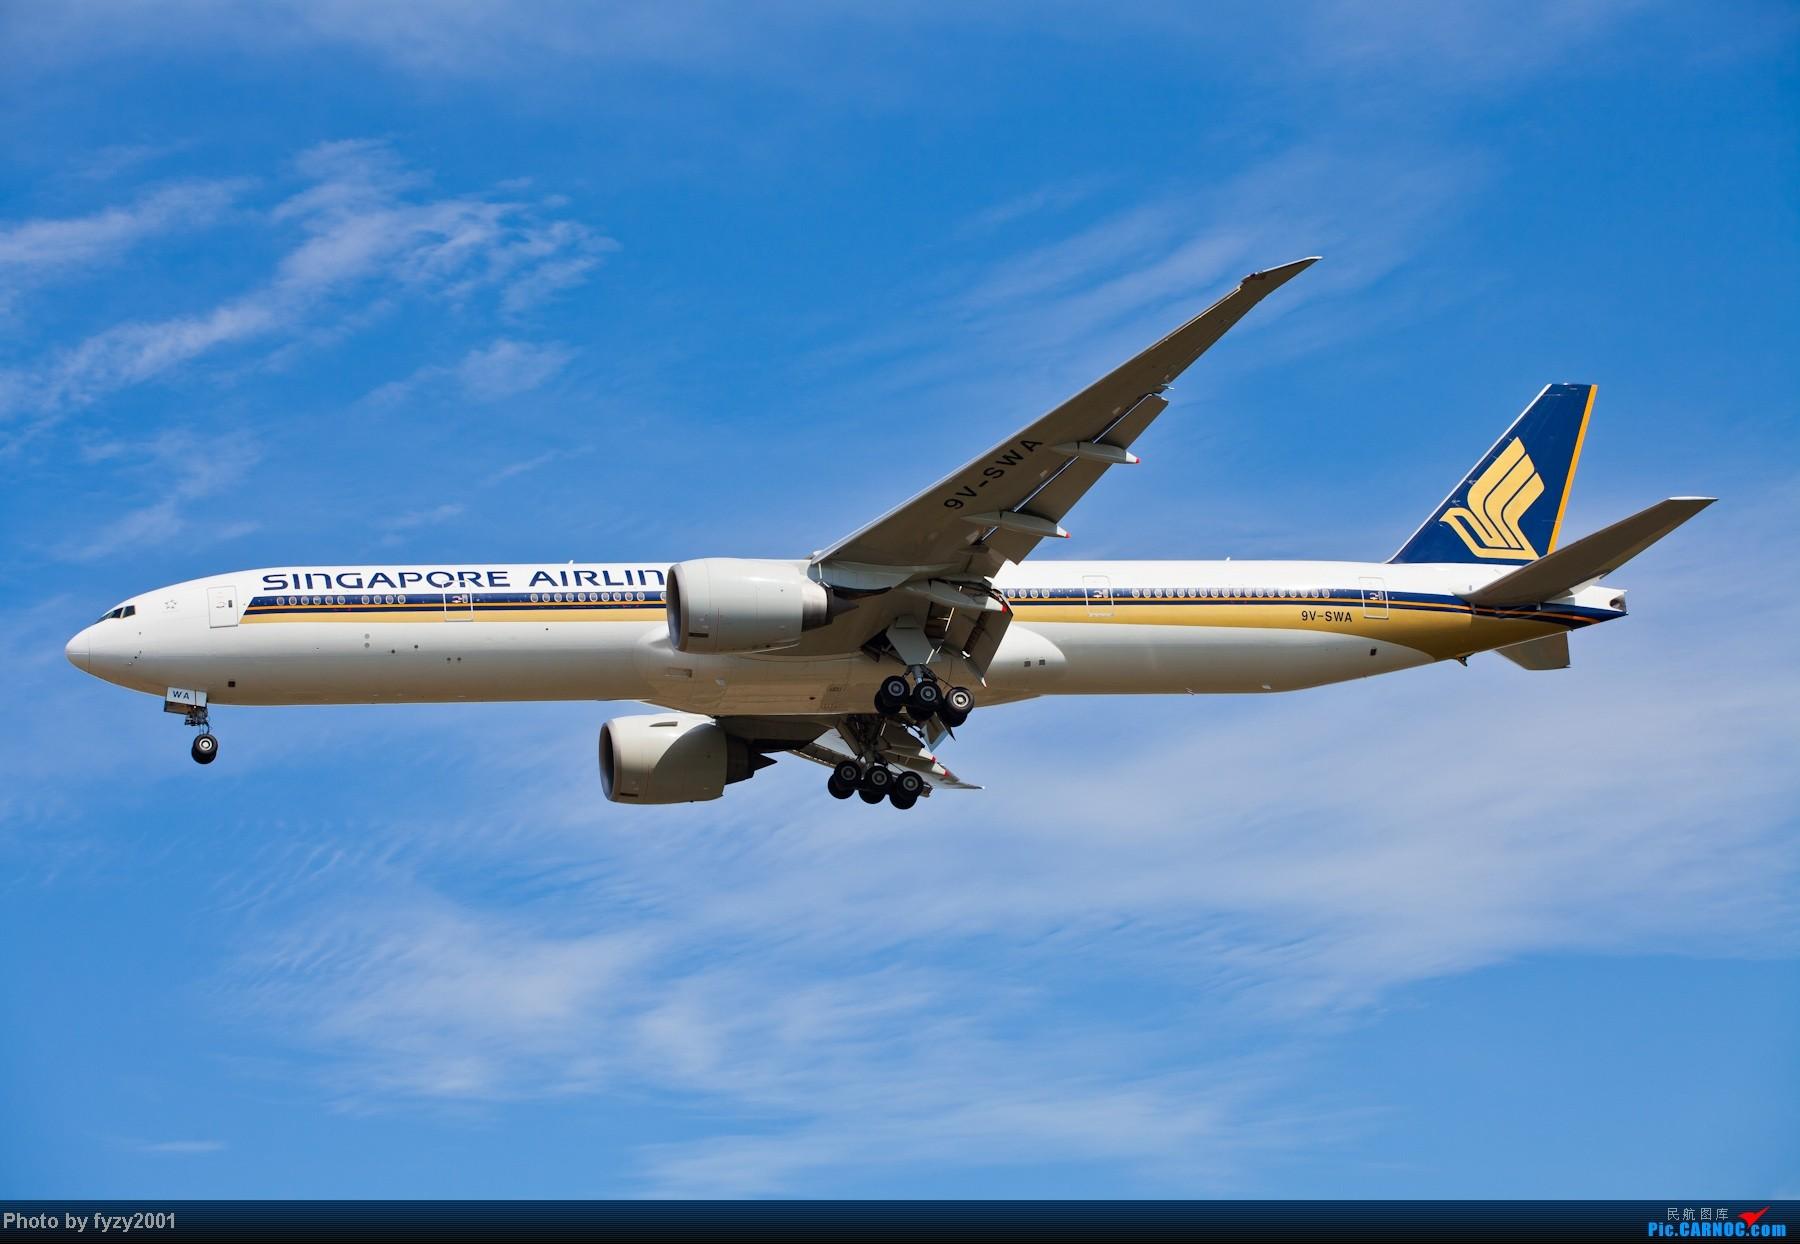 Re:[原创][无锡西站]长假PVG蹲守~~~~只发大图,多图杀猫~~~~ BOEING 777-300ER 9V-SWA 中国上海浦东机场